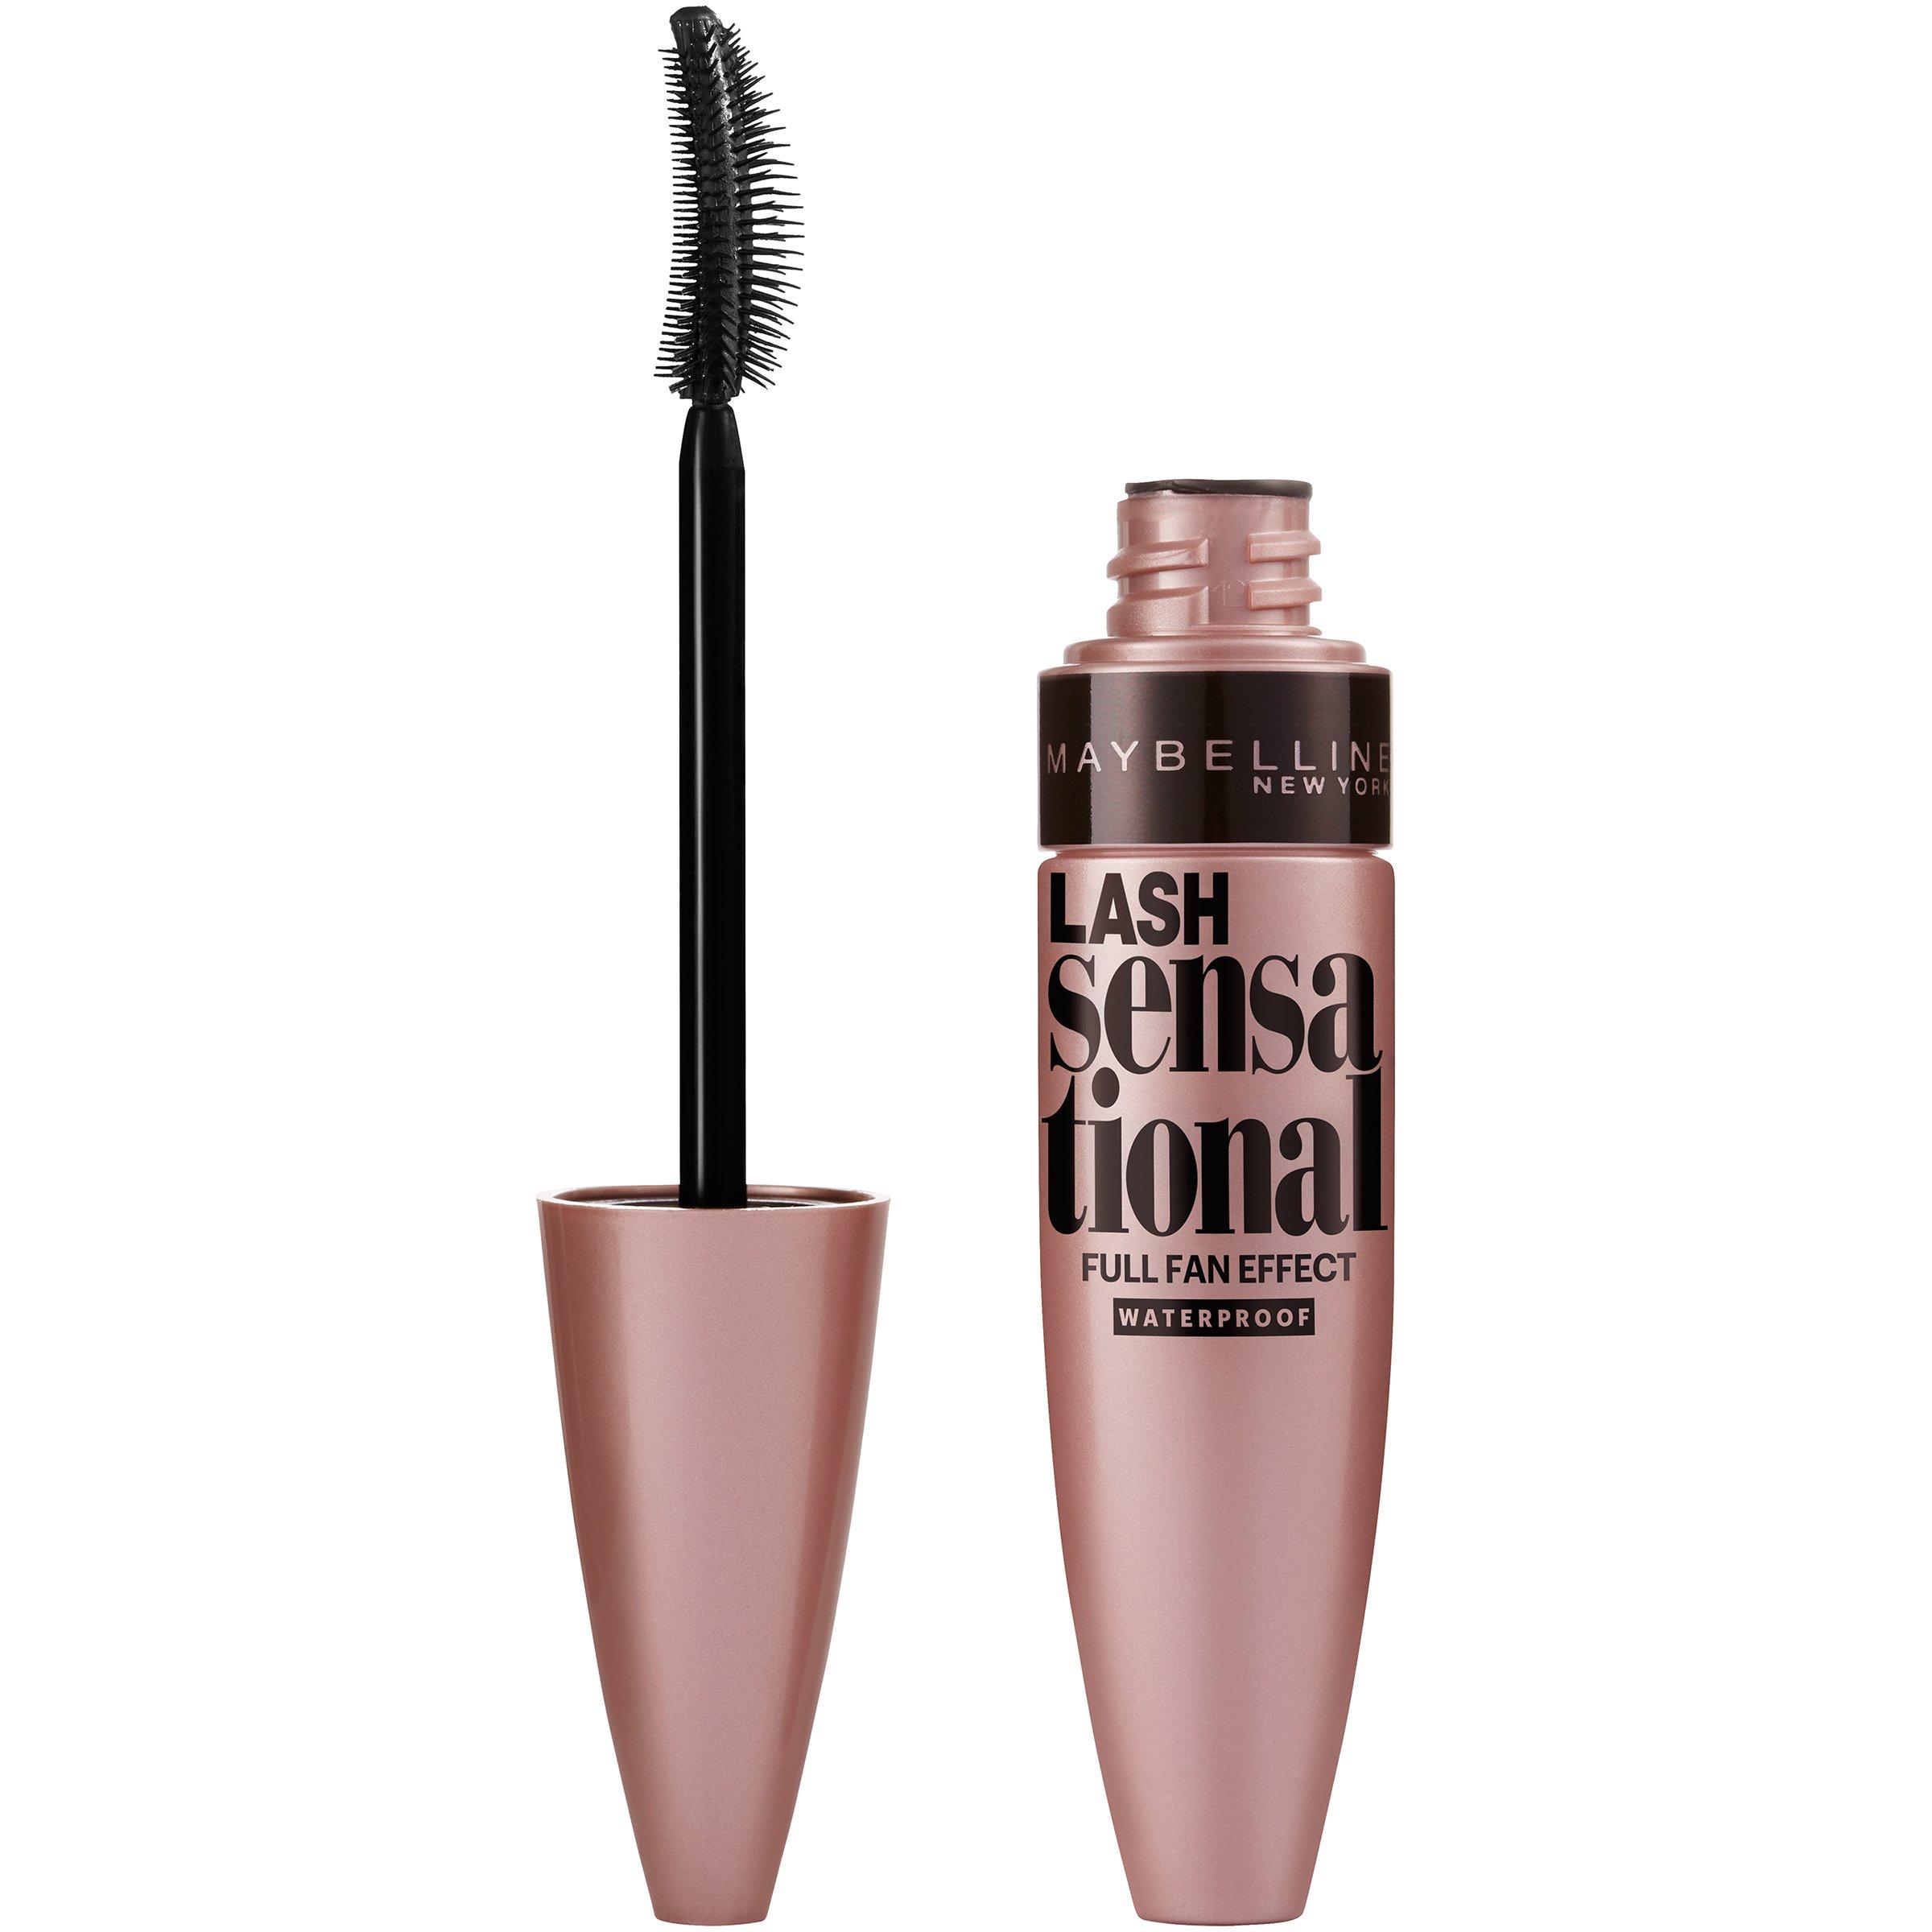 Maybelline Makeup Lash Sensational Waterproof Mascara, Very Black Waterproof Mascara, 0.3 fl oz